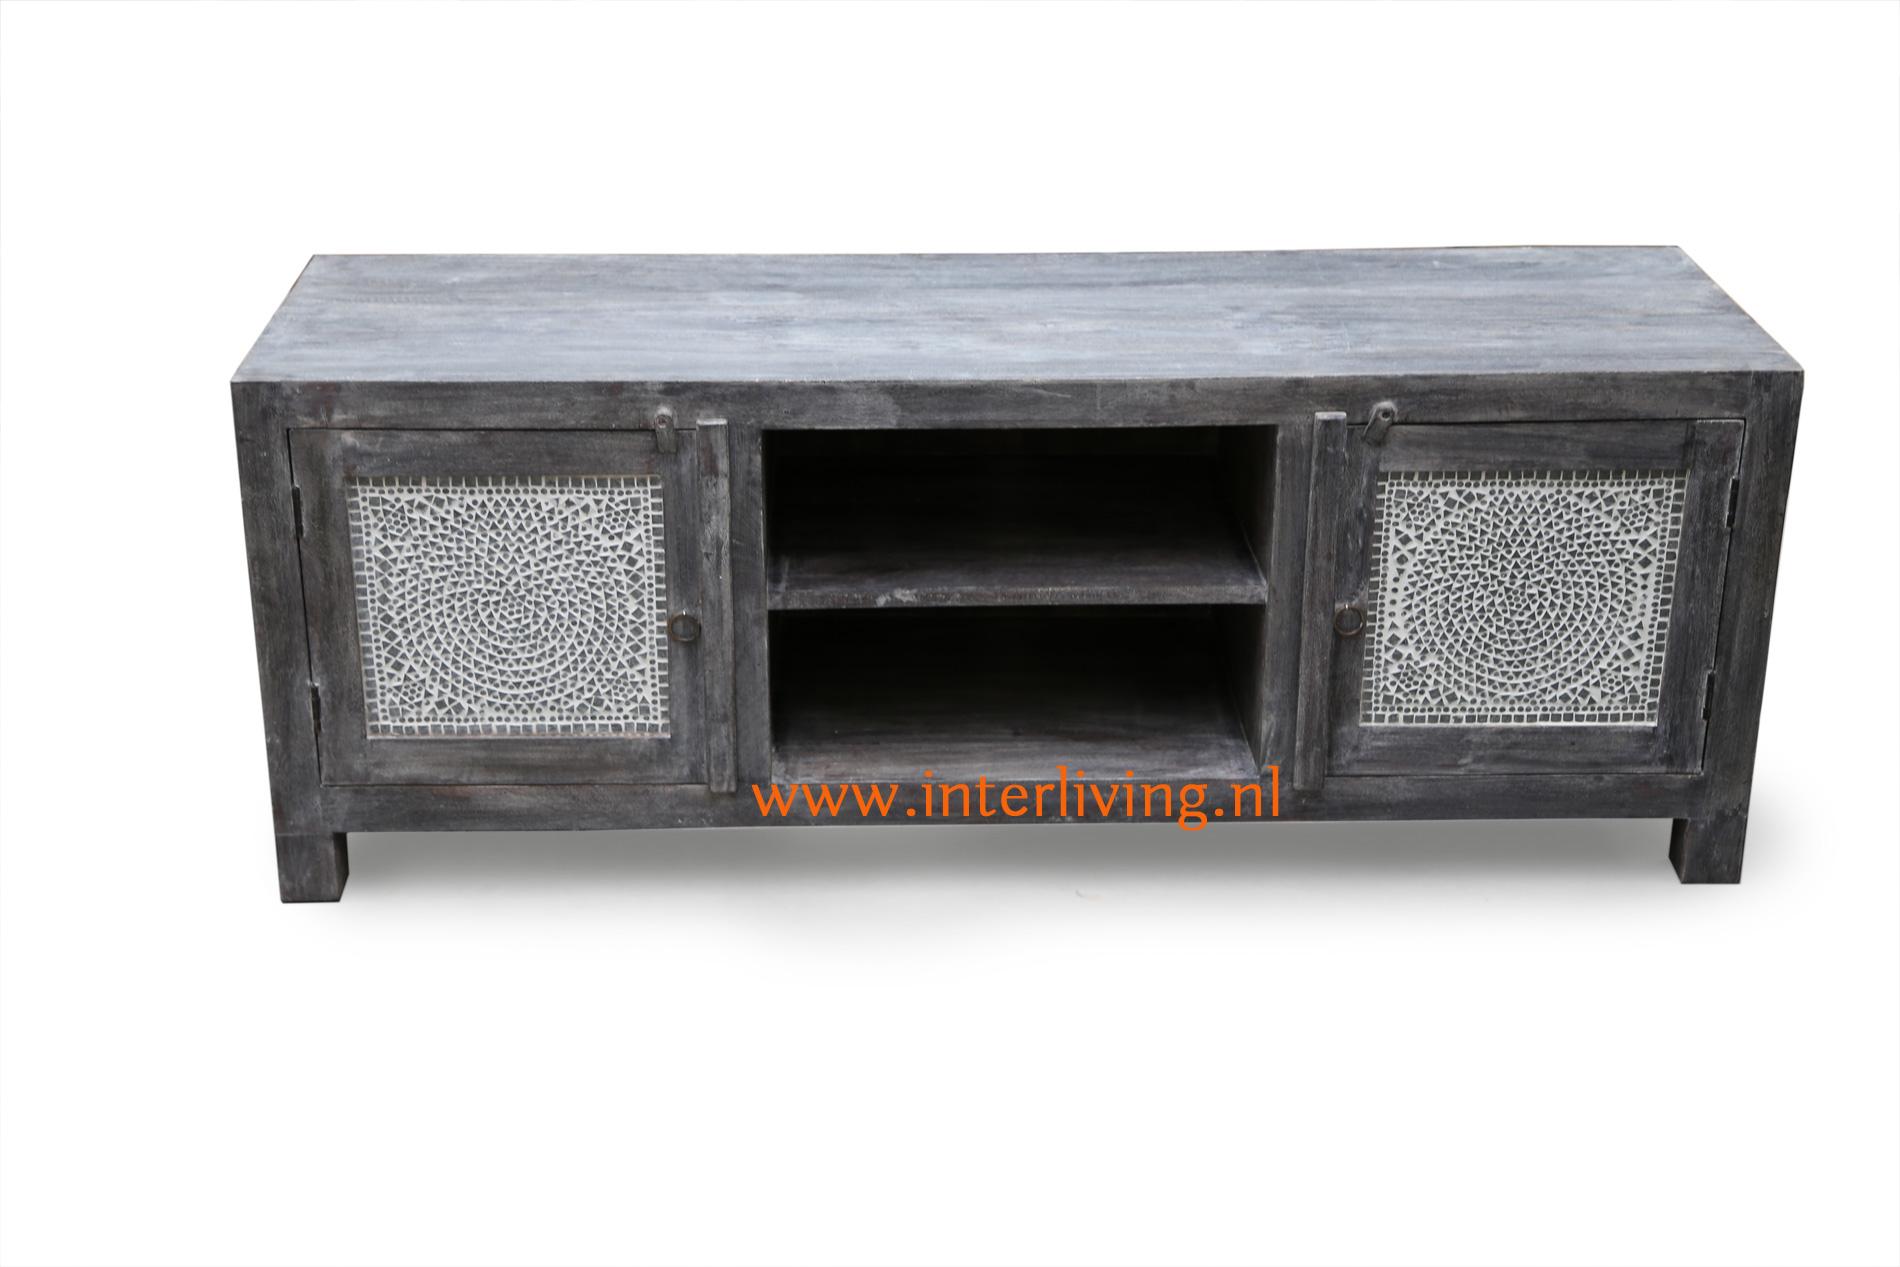 Tv Kast Antiek : Tvmeubel een dressoir of opberg kast in een donkergrijze uitvoering